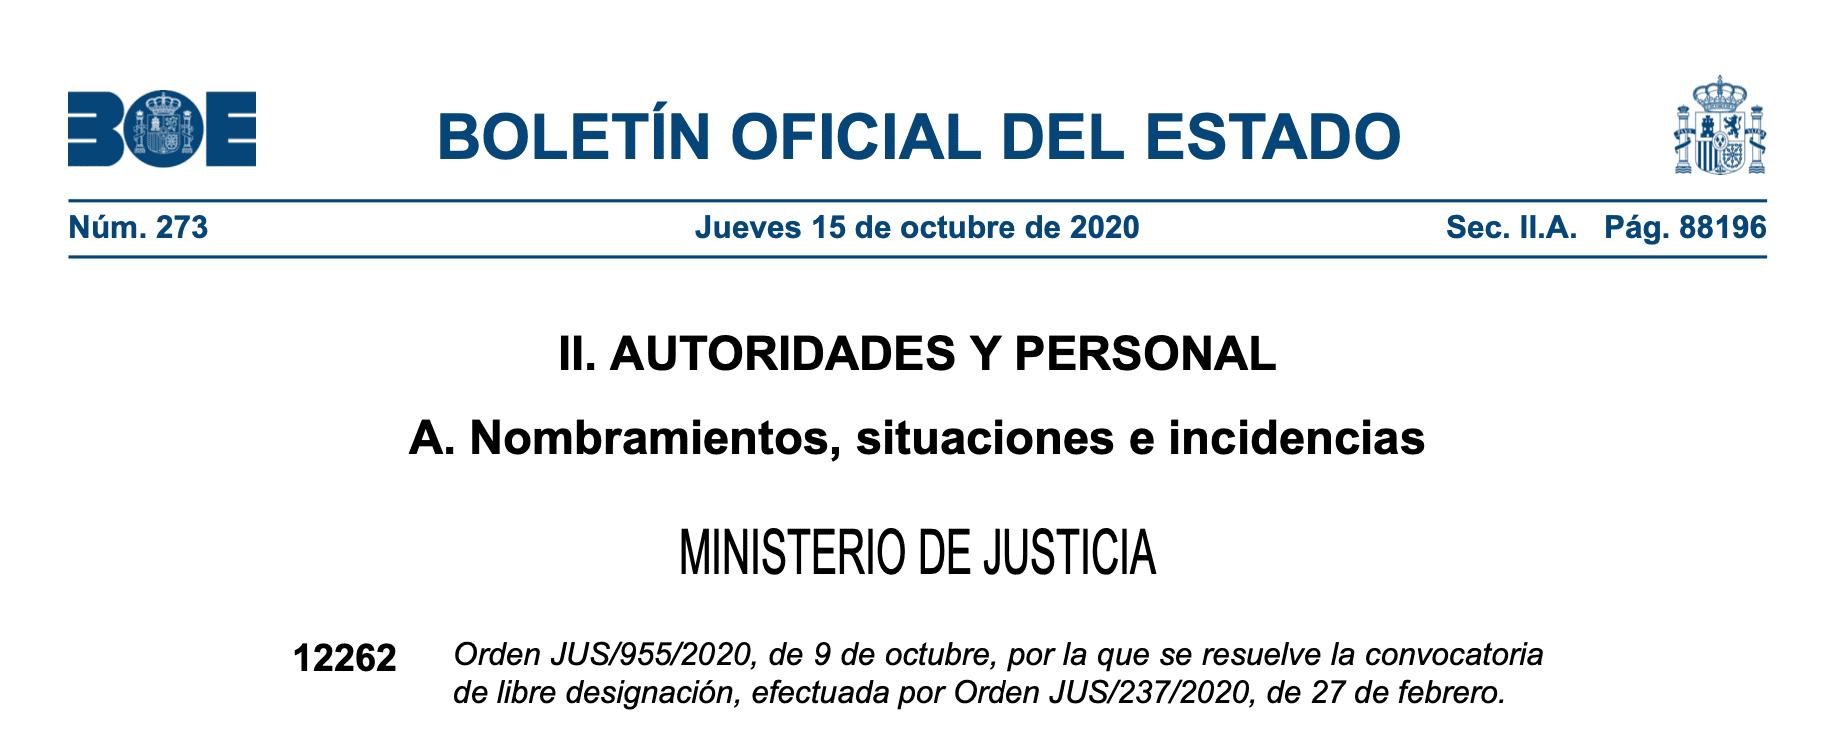 justicia-orden-jus-961-2020-provision-de-puestos-de-trabajo-de-libre-designacion